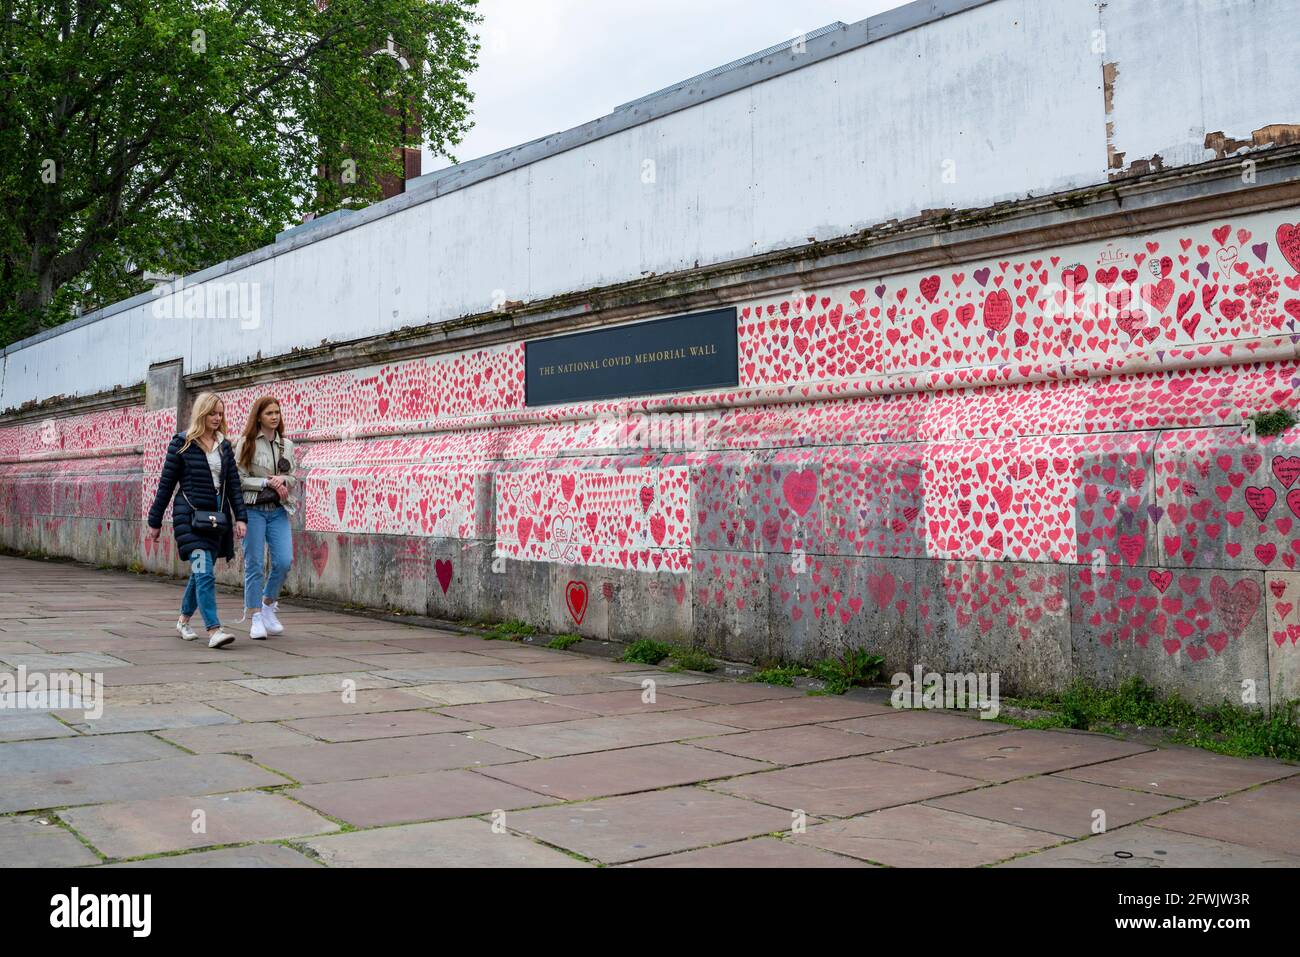 Mur commémoratif national de Covid lors d'un sinistre jour couvert à Lambeth, Londres, Royaume-Uni. Coeurs rouges tirés sur un mur représentant chaque mort de COVID 19. Personnes Banque D'Images